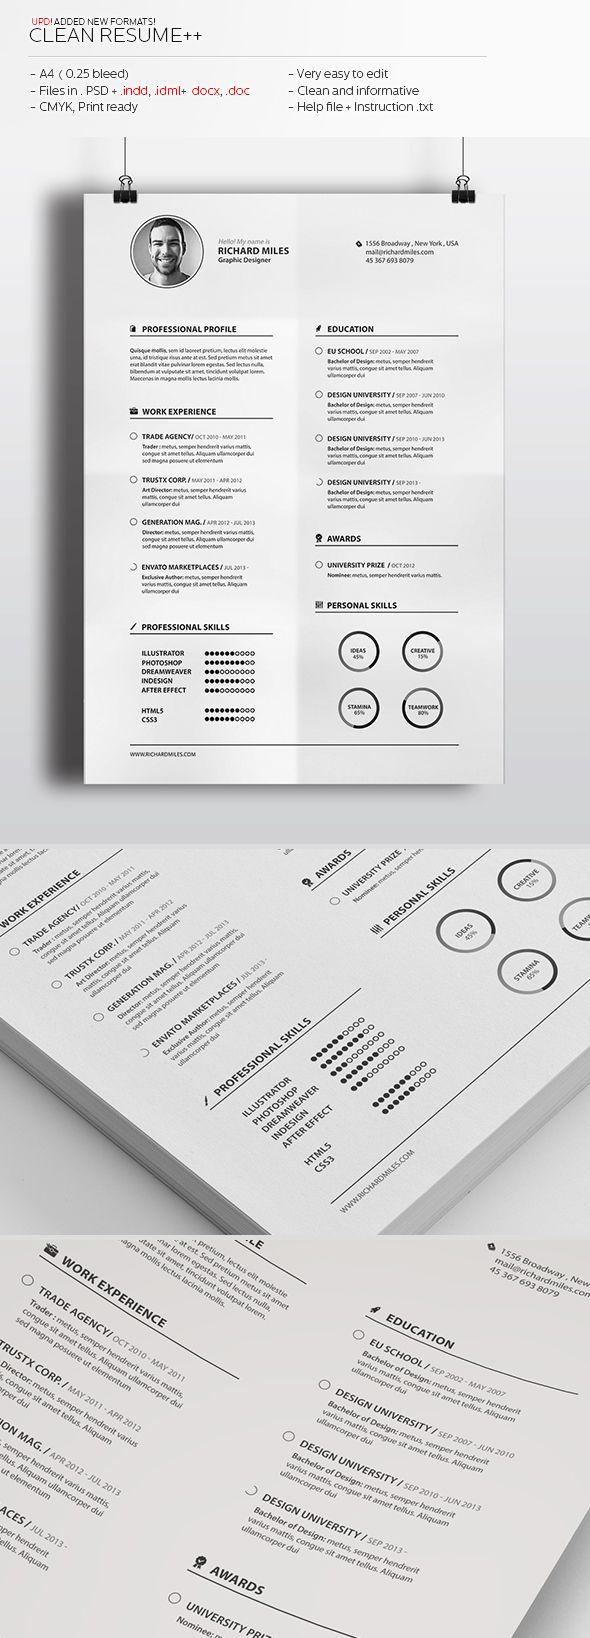 Épinglé sur Graphic Design